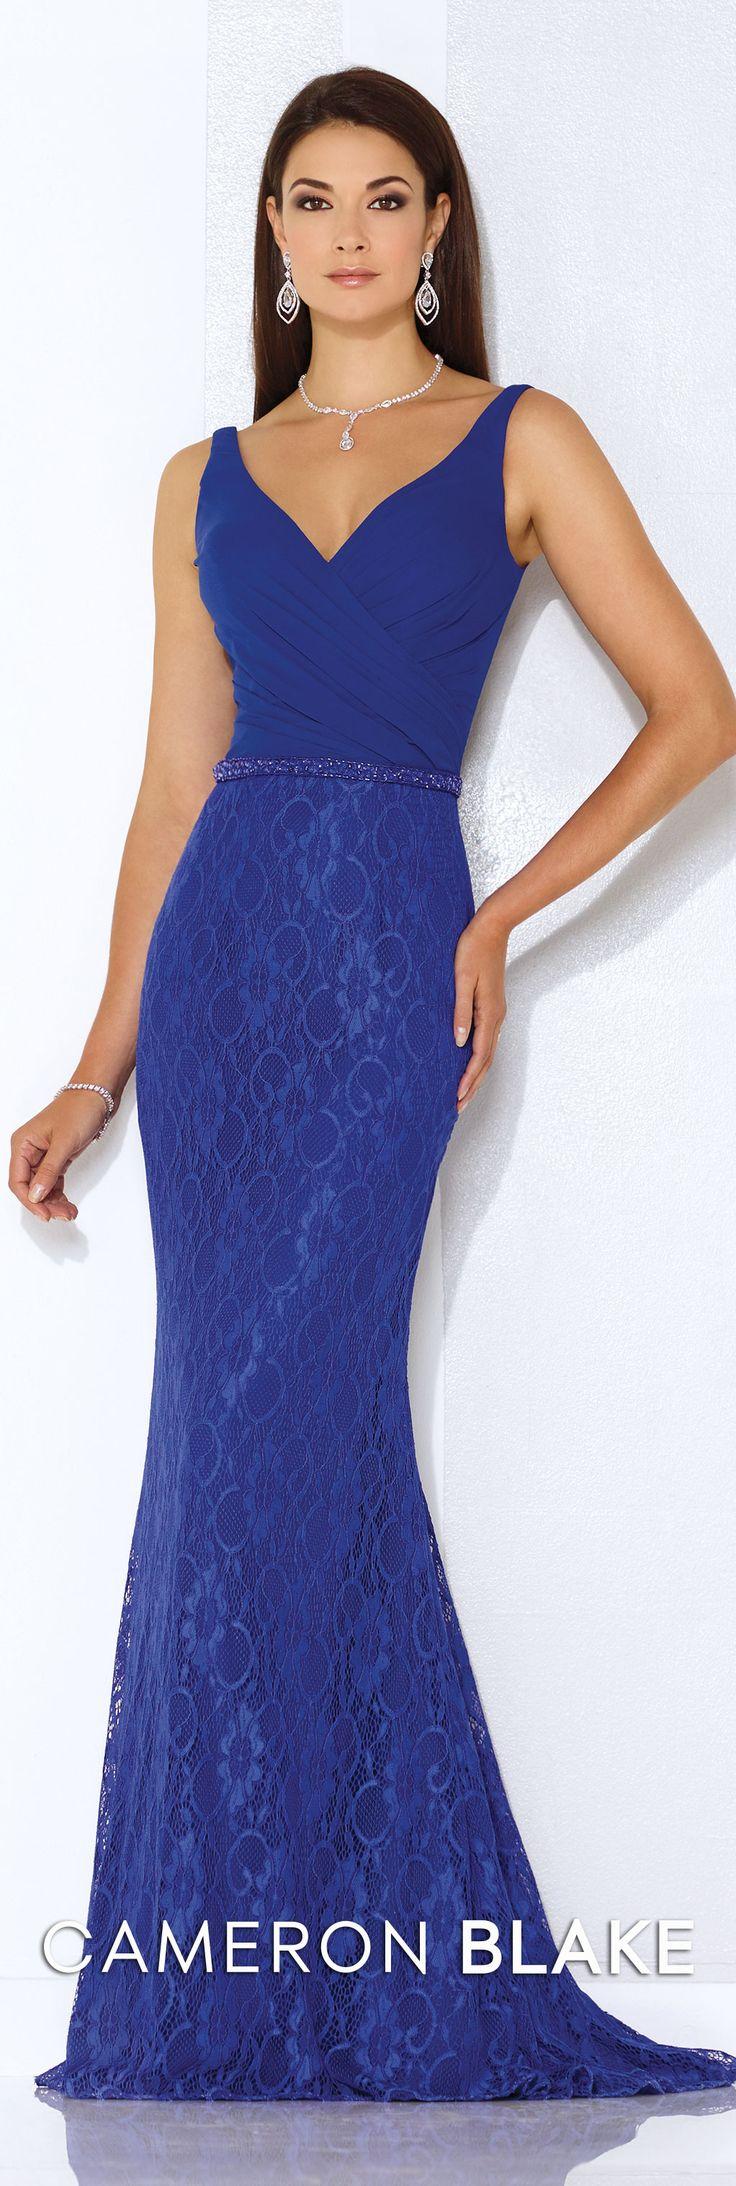 Cameron blake dresses where to buy